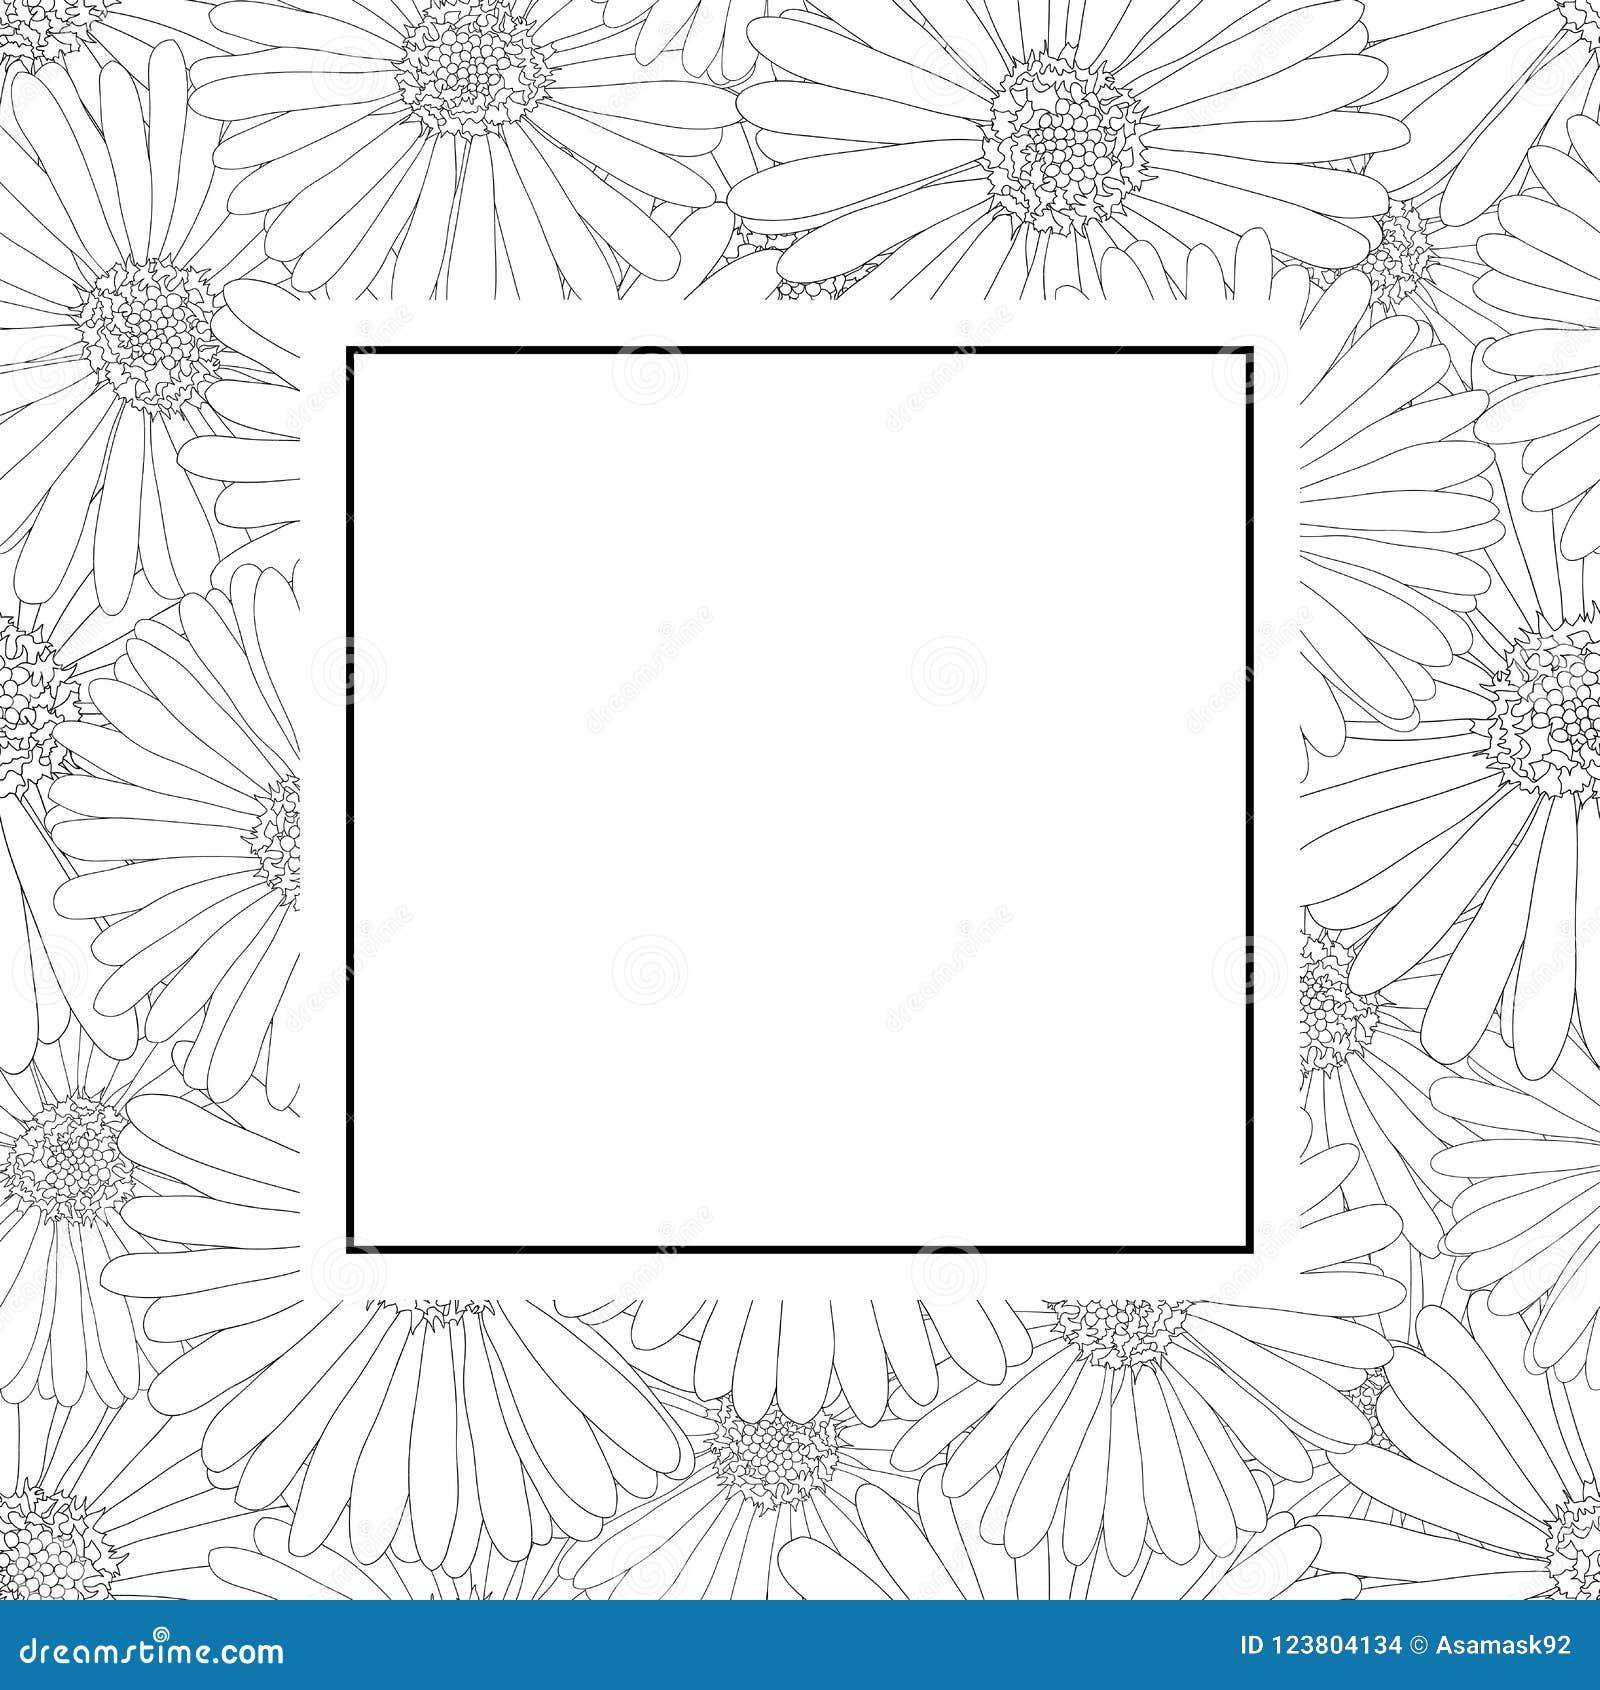 Aster Daisy Flower Outline Banner Card Border Vector Illustration